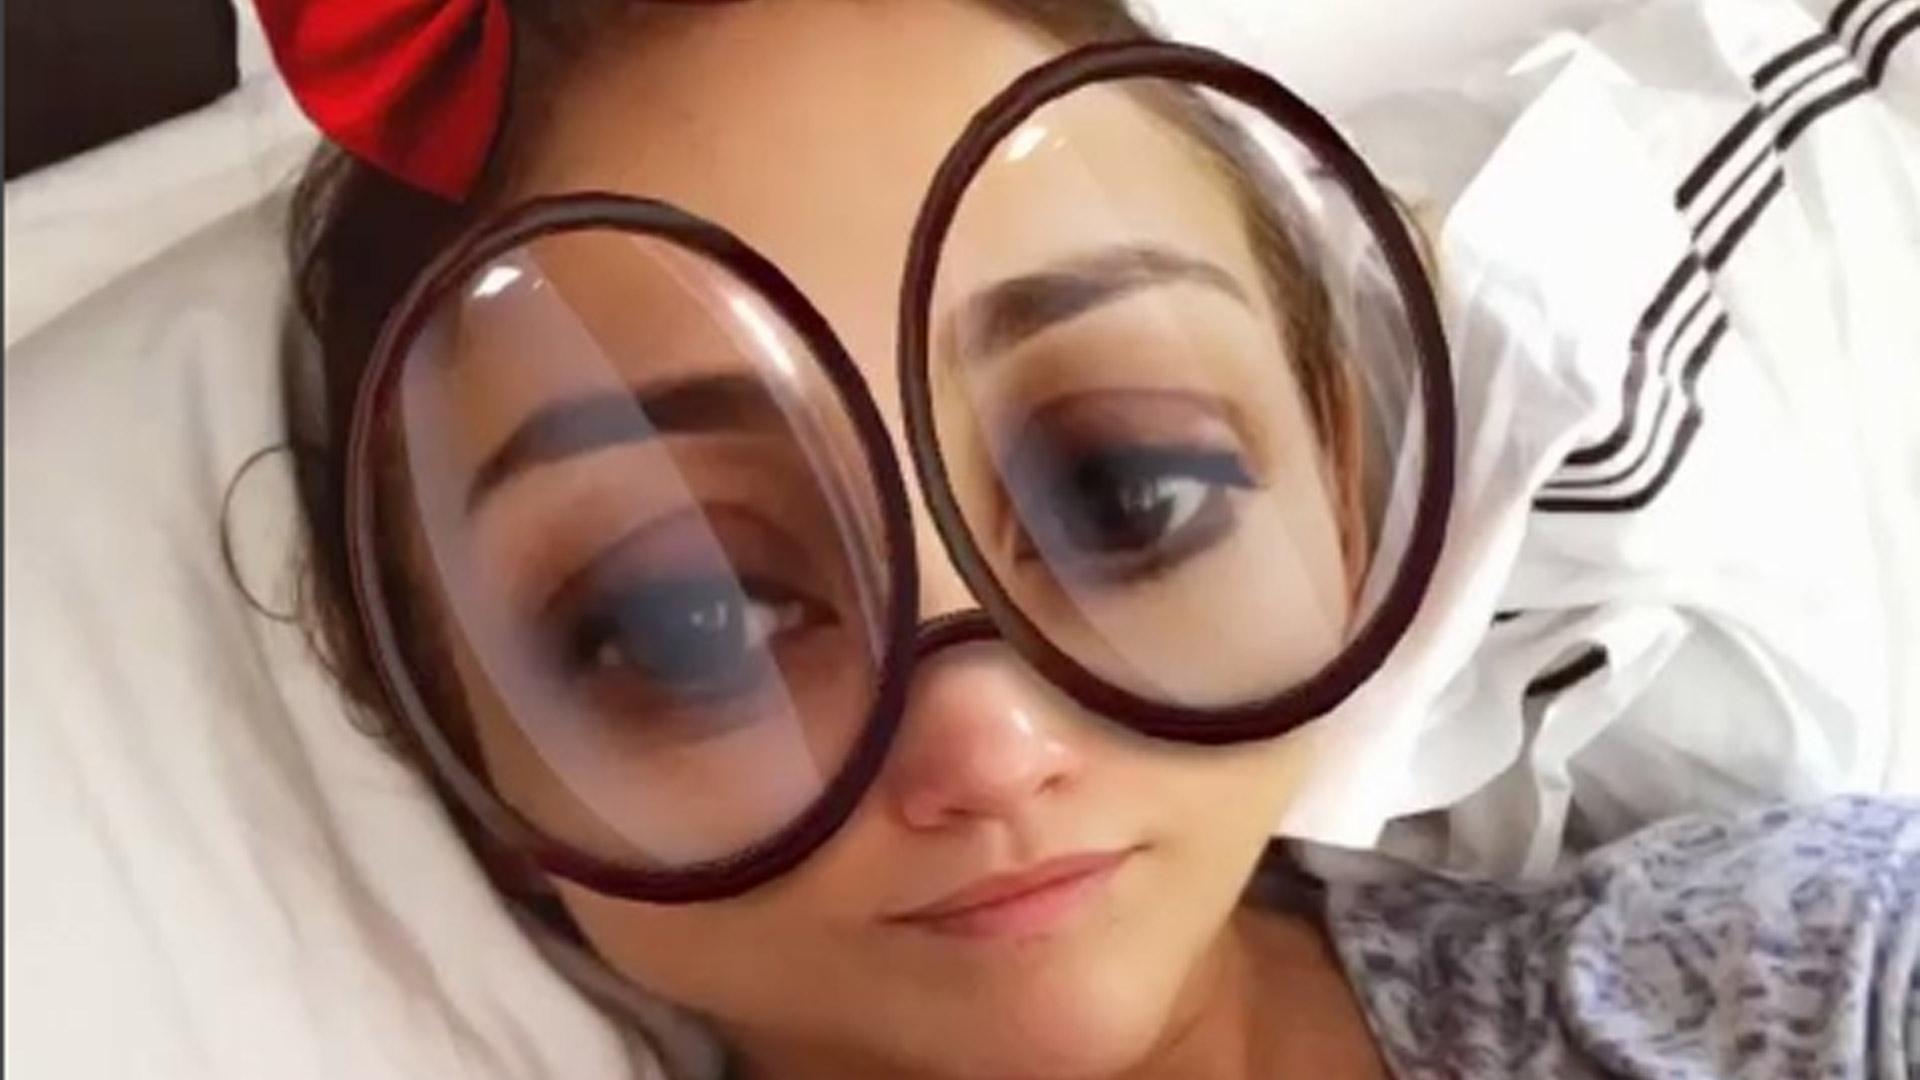 Snapchat Jennifer Lopeza nudes (61 photo), Pussy, Bikini, Boobs, butt 2018